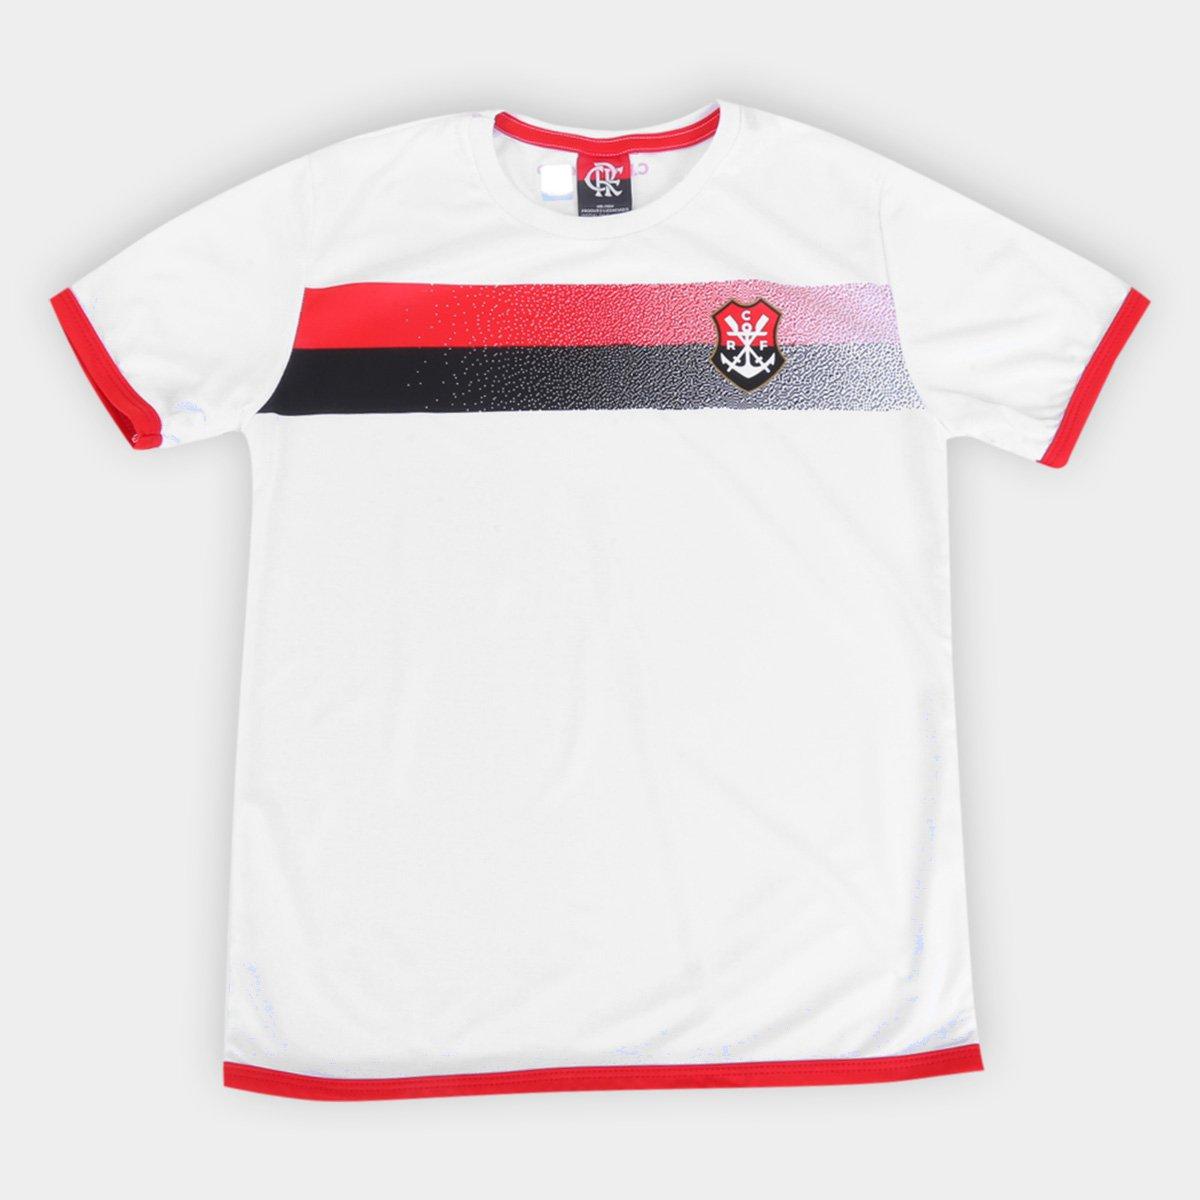 Camisa Flamengo Infantil Limb